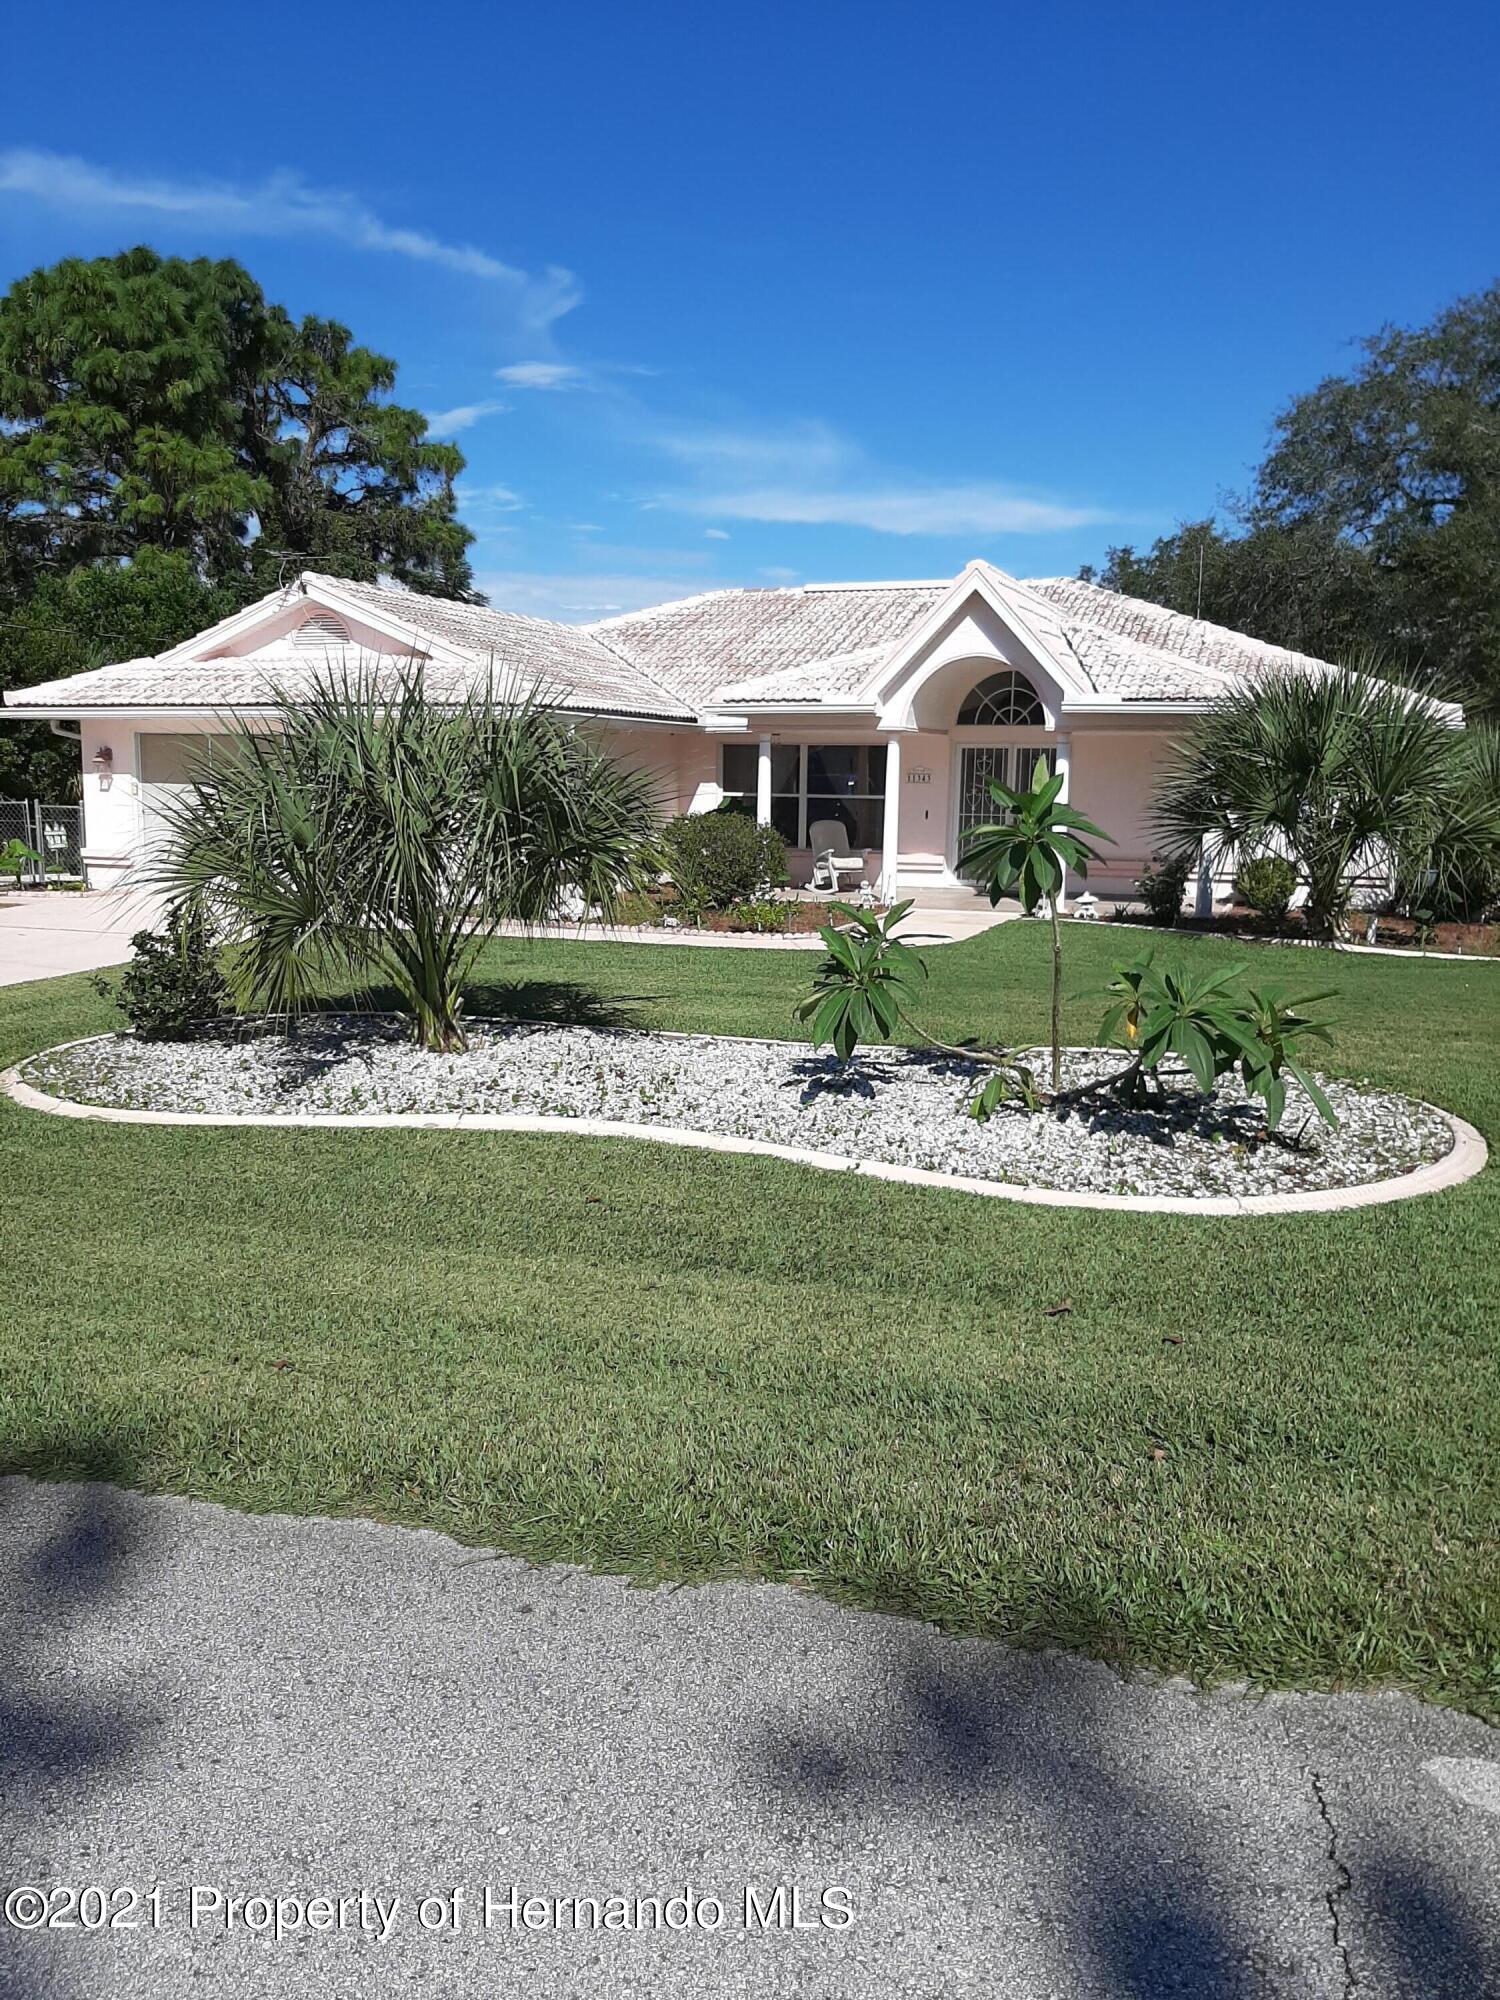 Details for 11343 Montcalm Road, Spring Hill, FL 34608